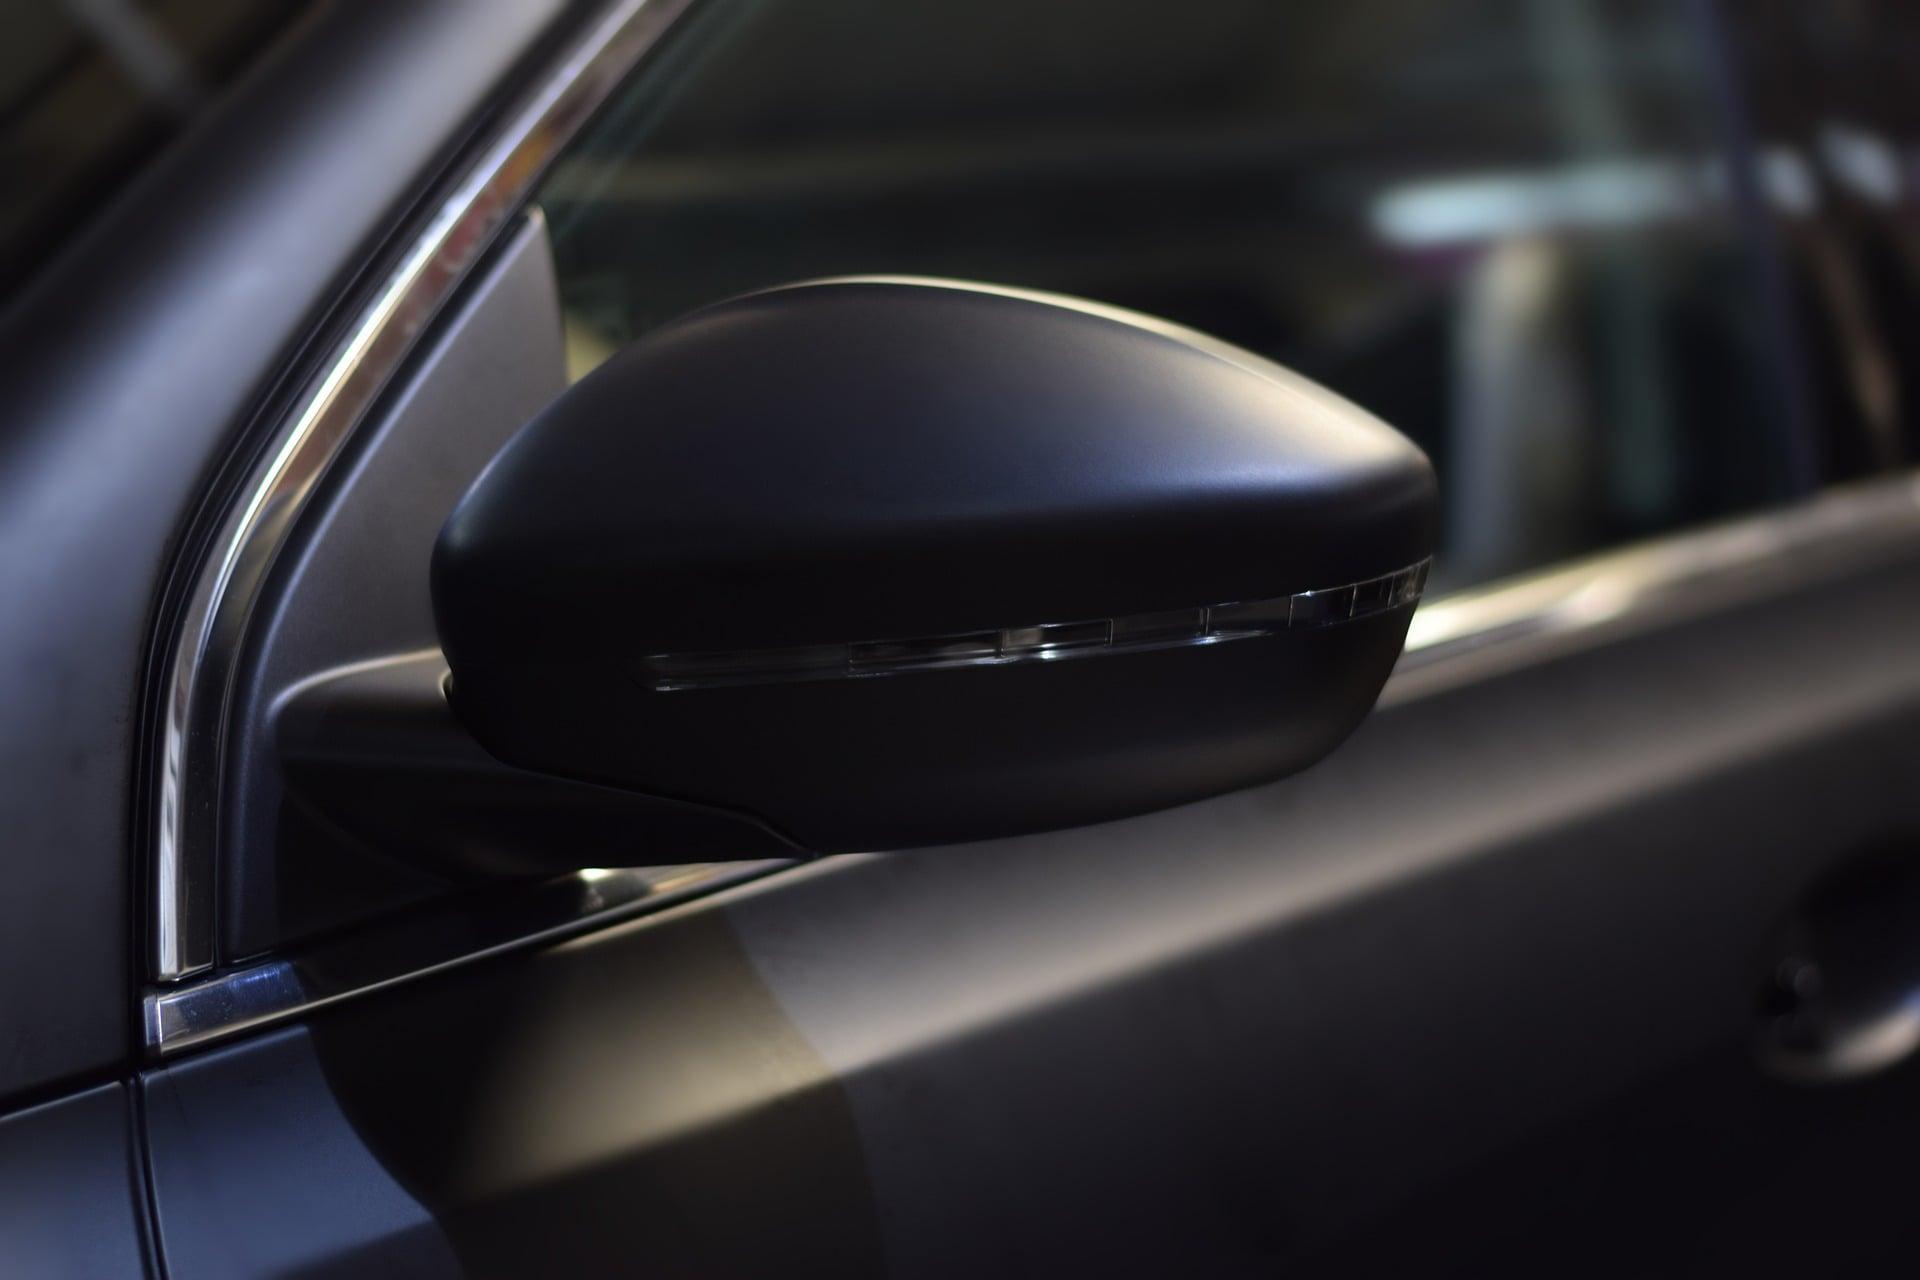 Folia samoprzylepna do przyciemniania okien w samochodzie i nie tylko! 7